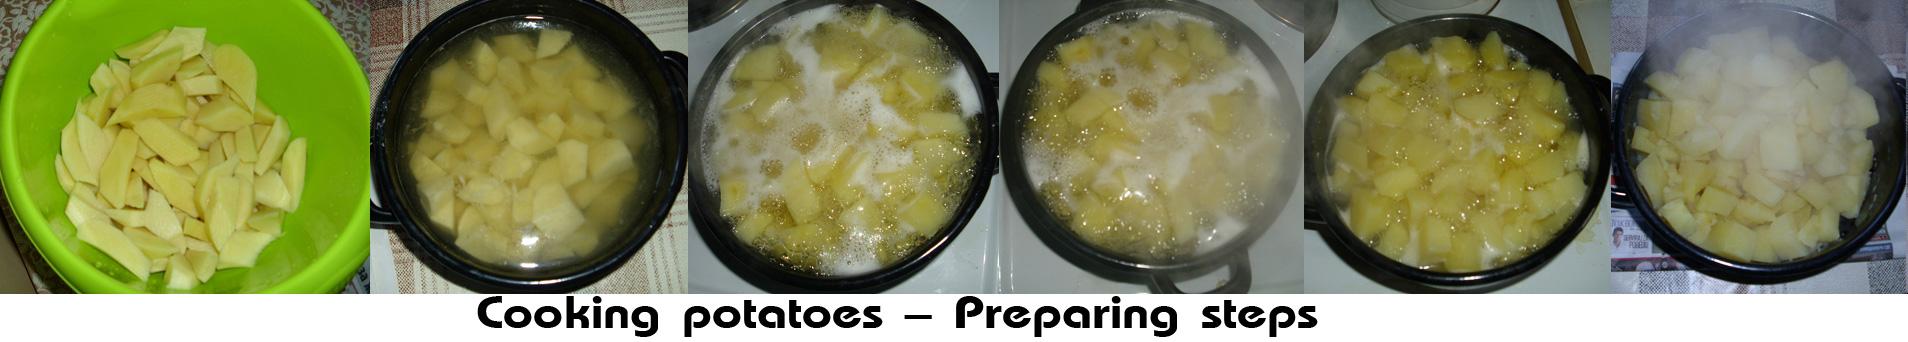 Rinfleisch - Cooking potatoes